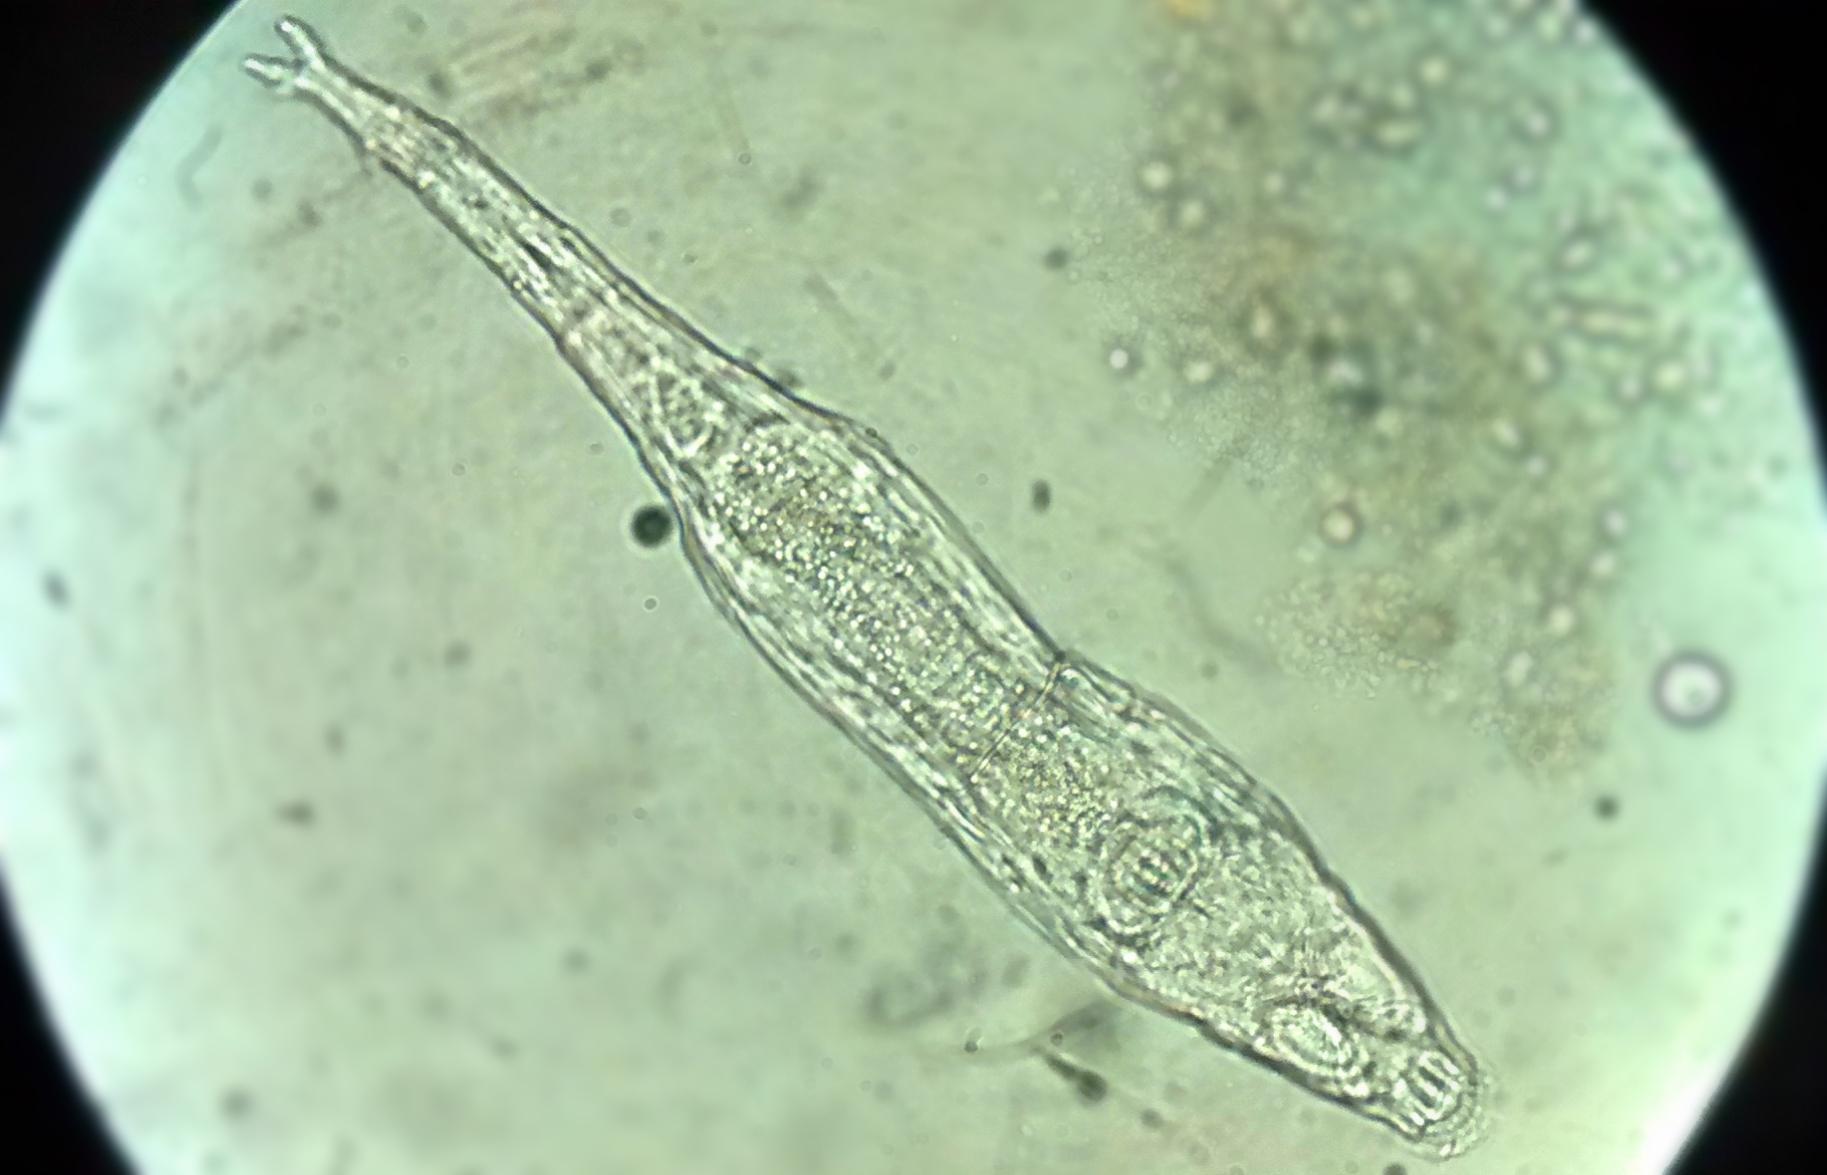 Animal resucita ¡después de 24 mil años congelado en la tundra! rotífero